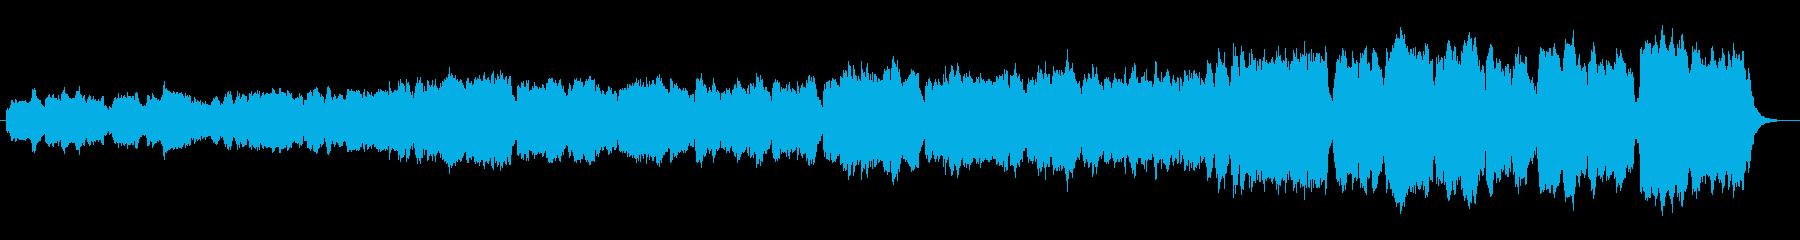 古いレコードから流れる聖堂の讃美歌演奏の再生済みの波形